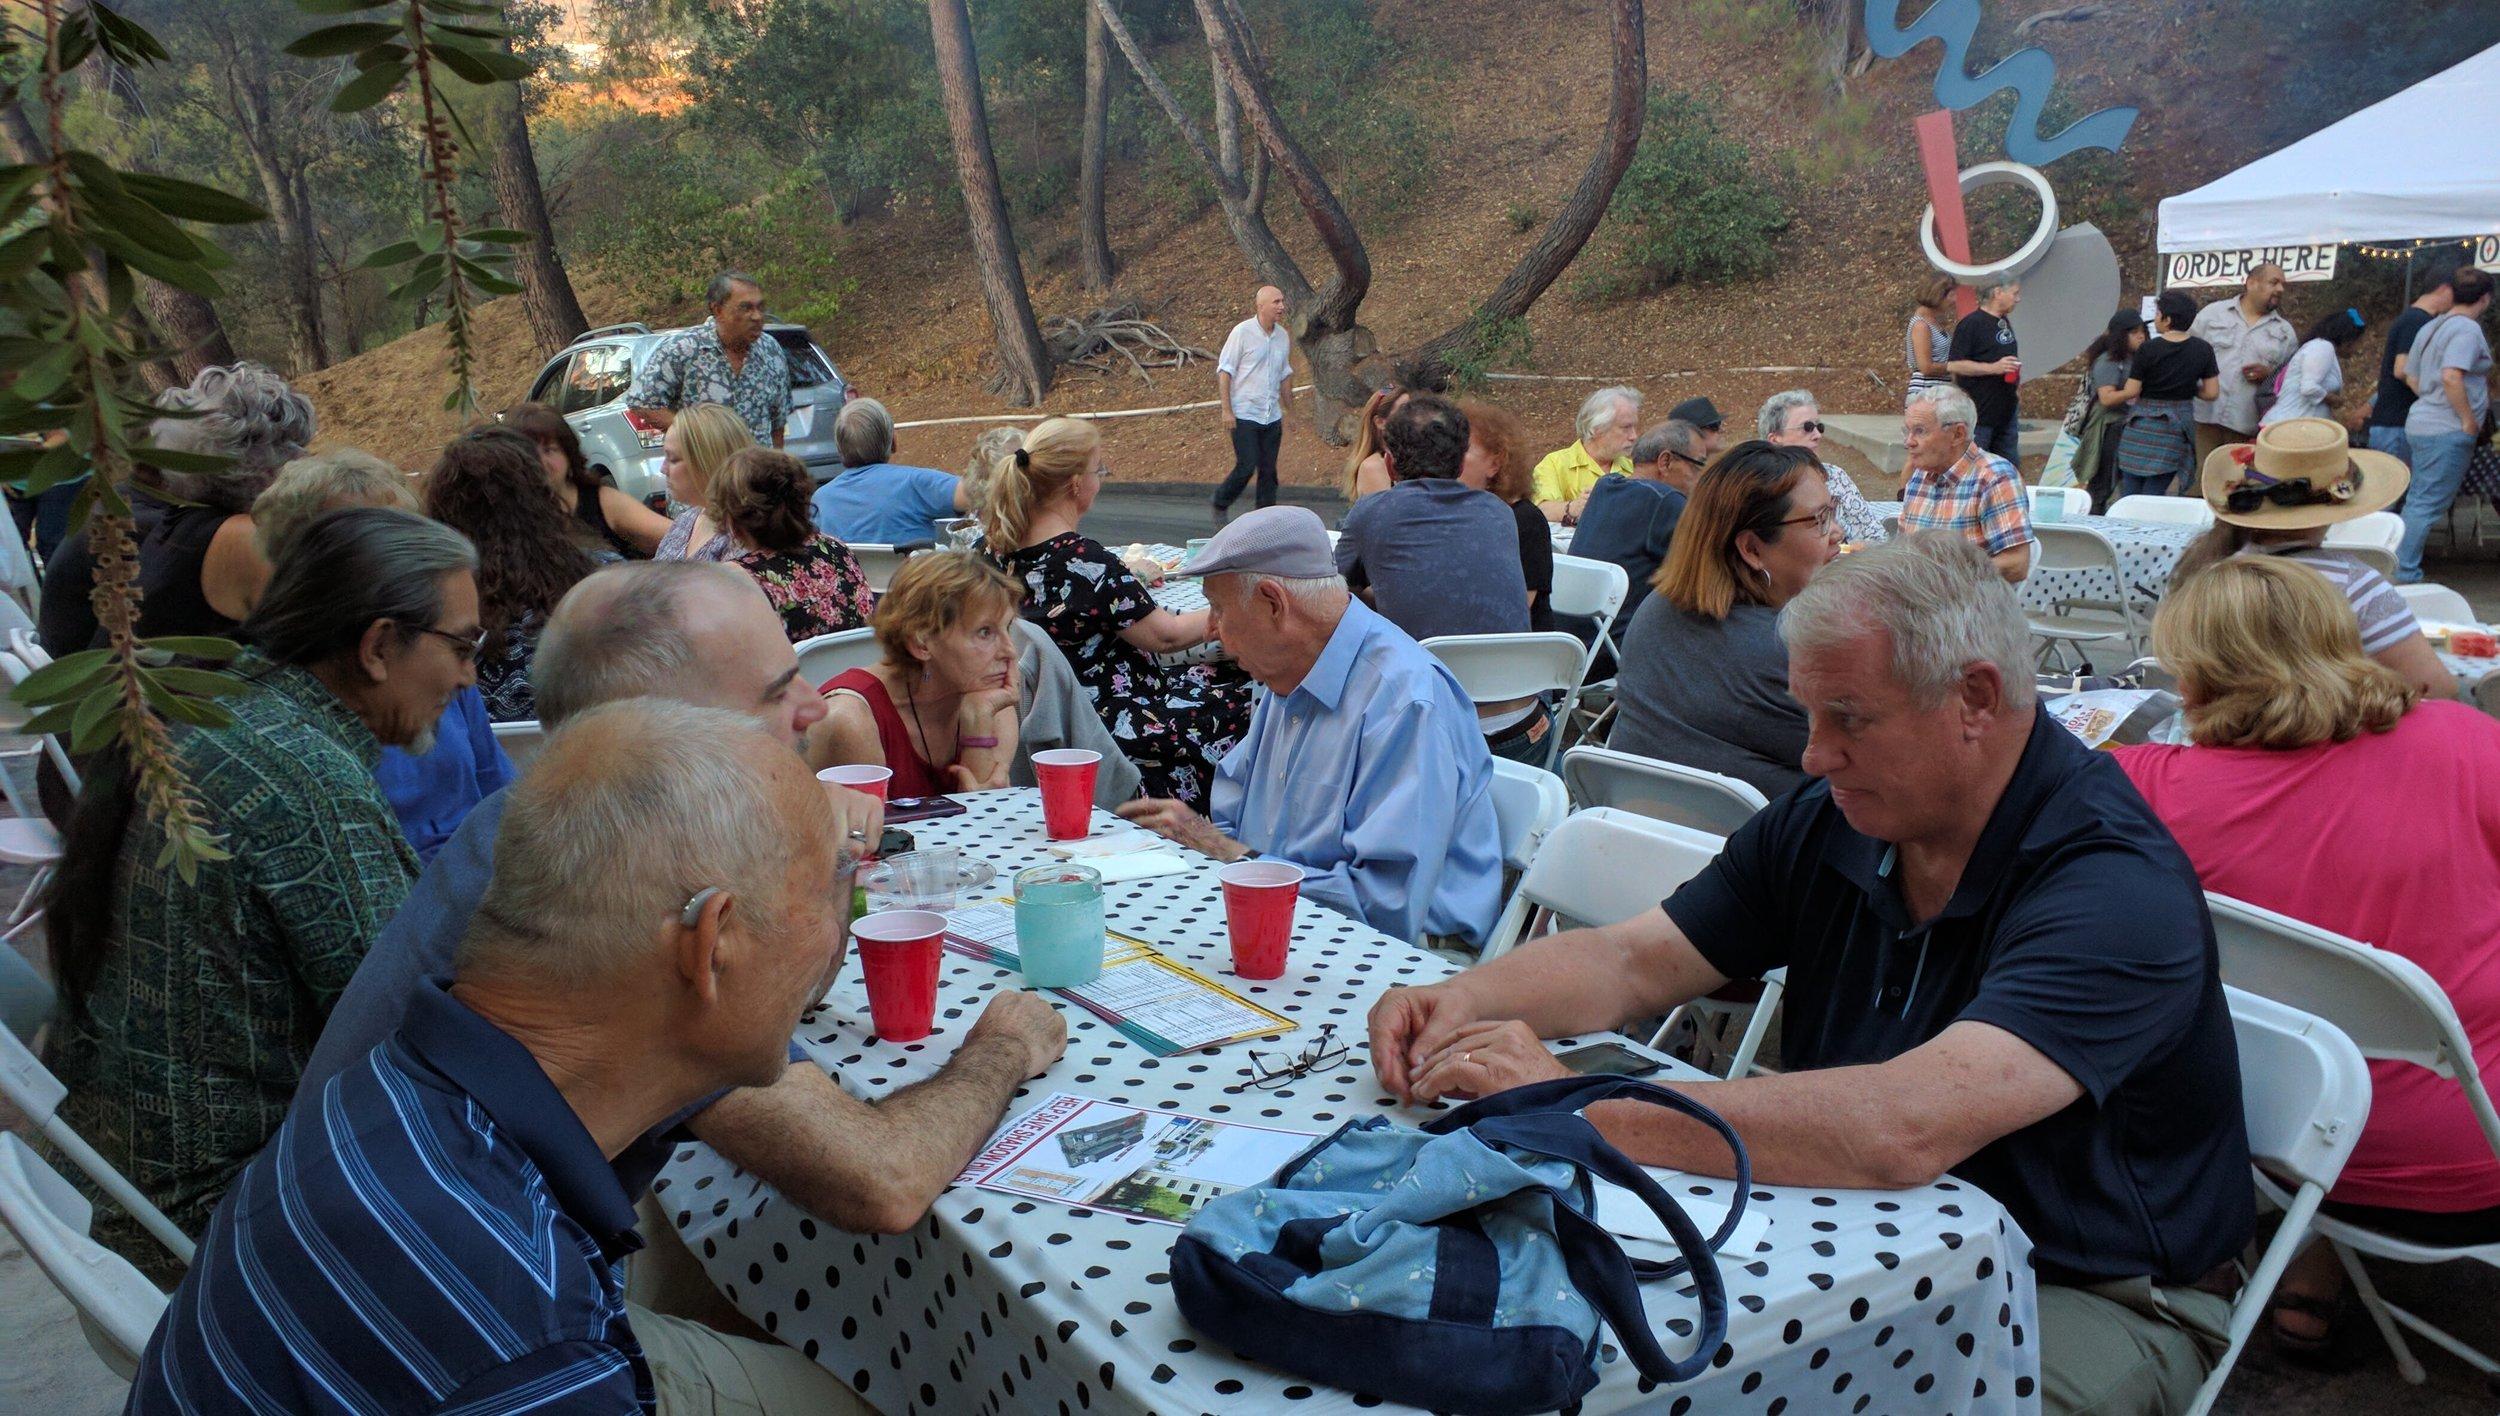 Gerardo, Art Drucker, Marsh Drucker, Bill Eick at tables.jpg